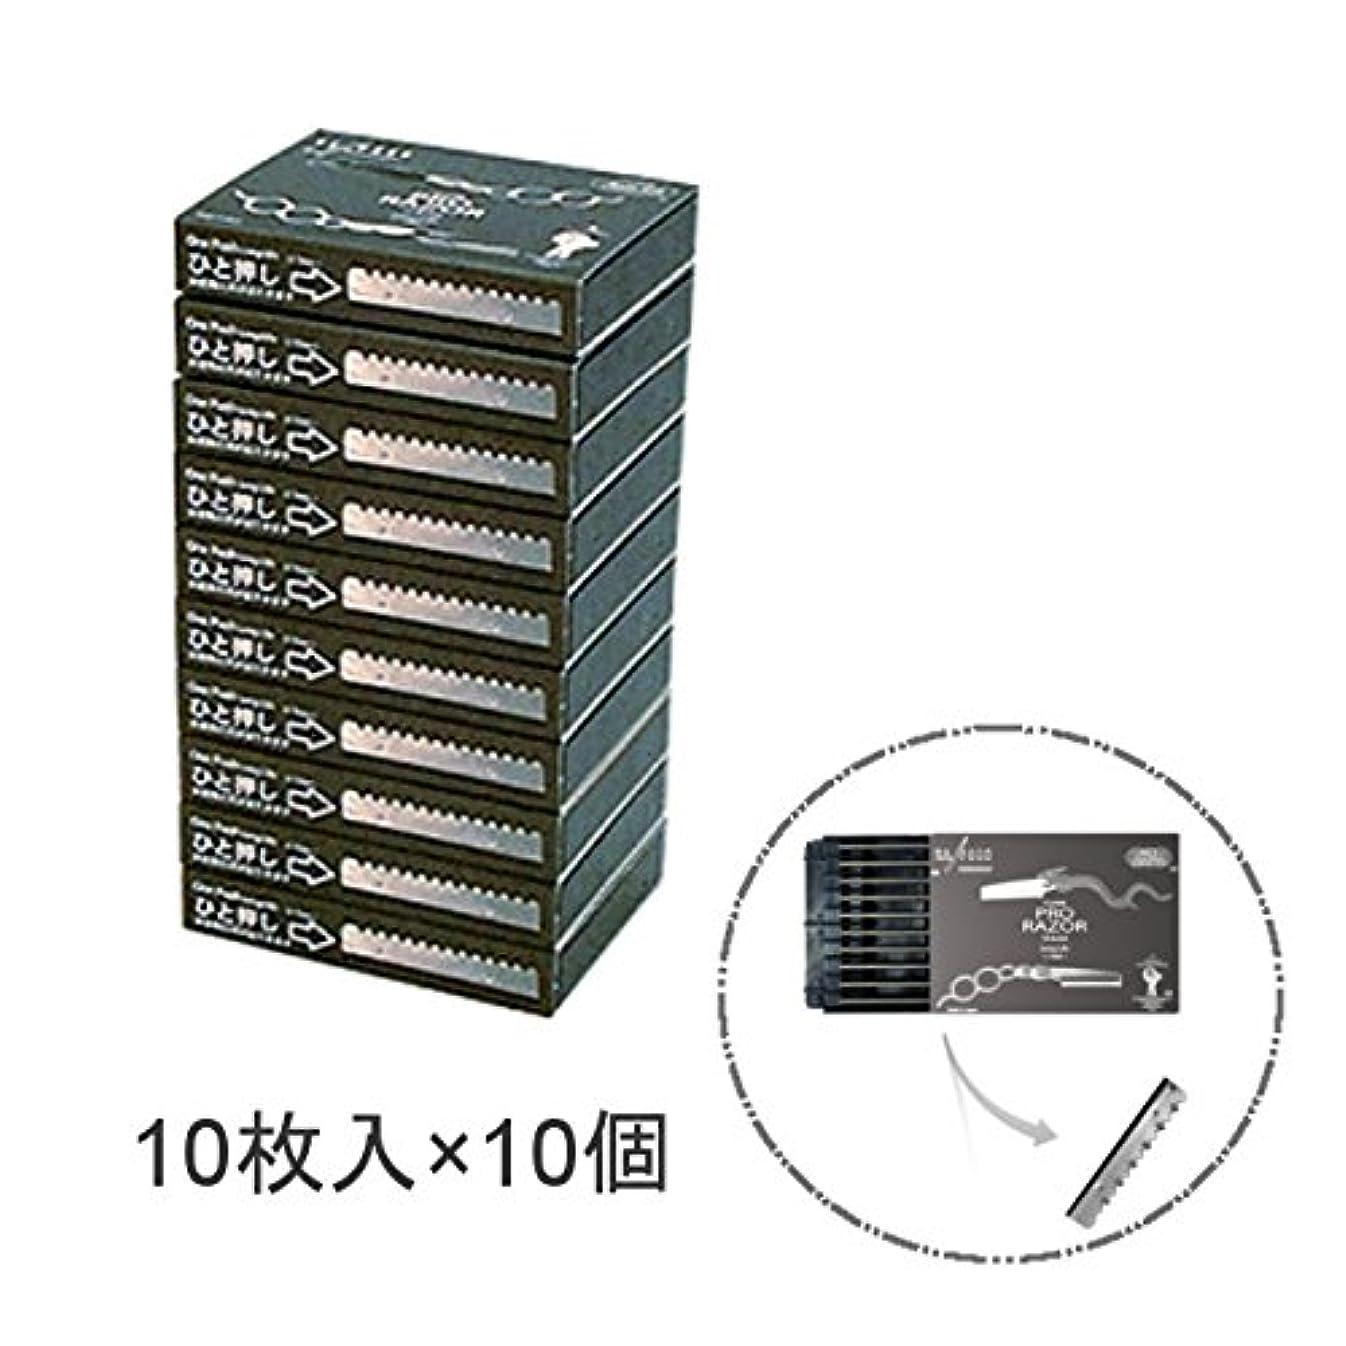 ワイエスパーク Y.S.PARK Pro クールレザー用 替刃 10枚入×10個入